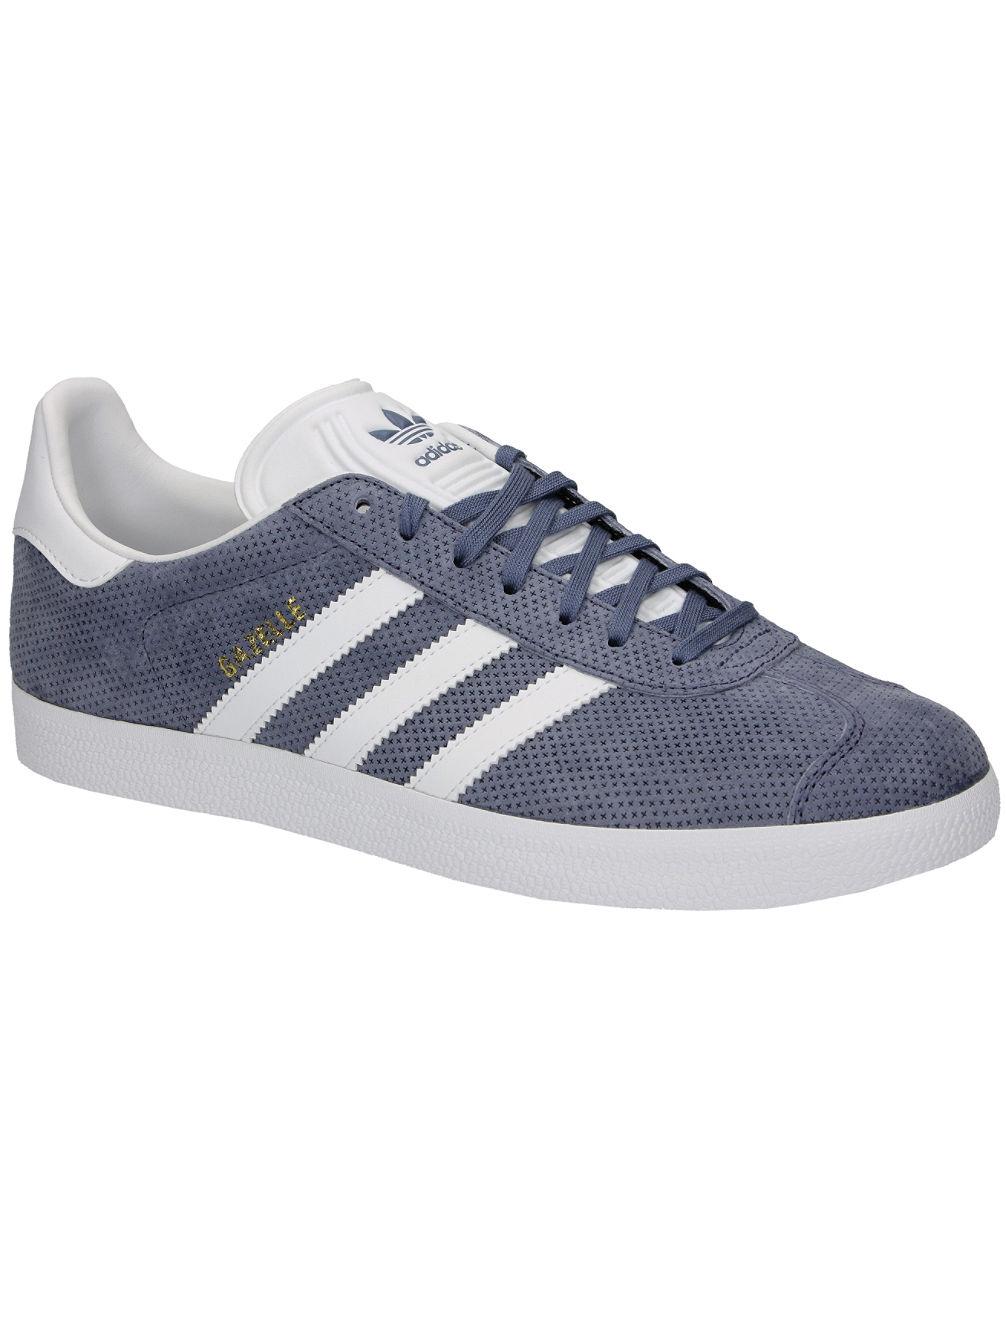 adidas-originals-gazelle-sneakers